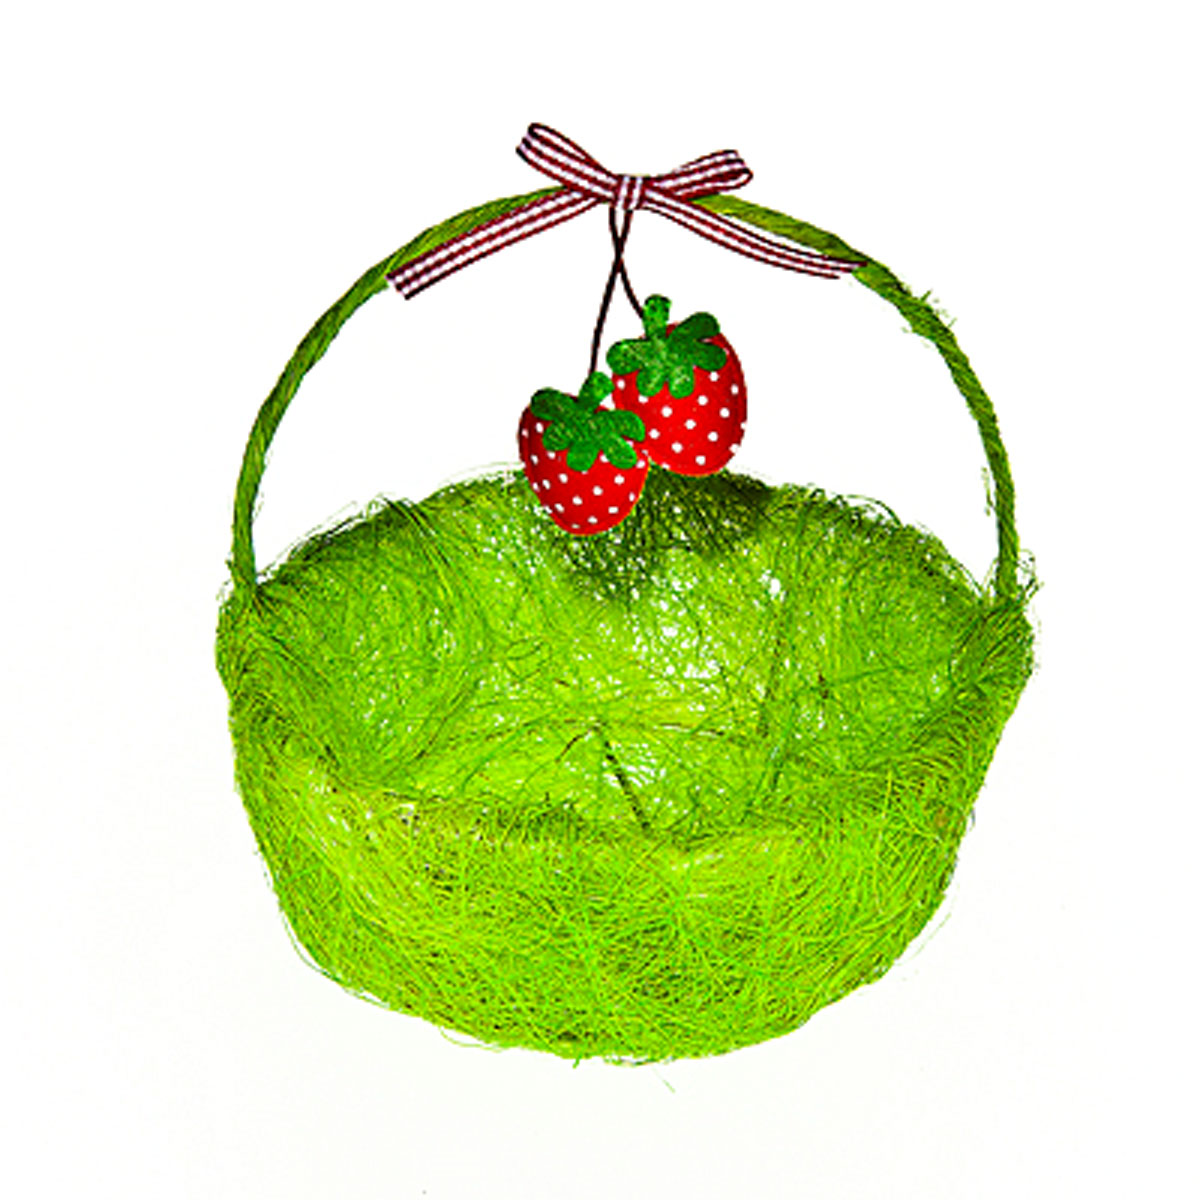 Корзина декоративная Home Queen Ягоды, цвет: зеленый, 14 х 13 х 5 см икона пресвятая богородица 10 5 см х 14 5 см